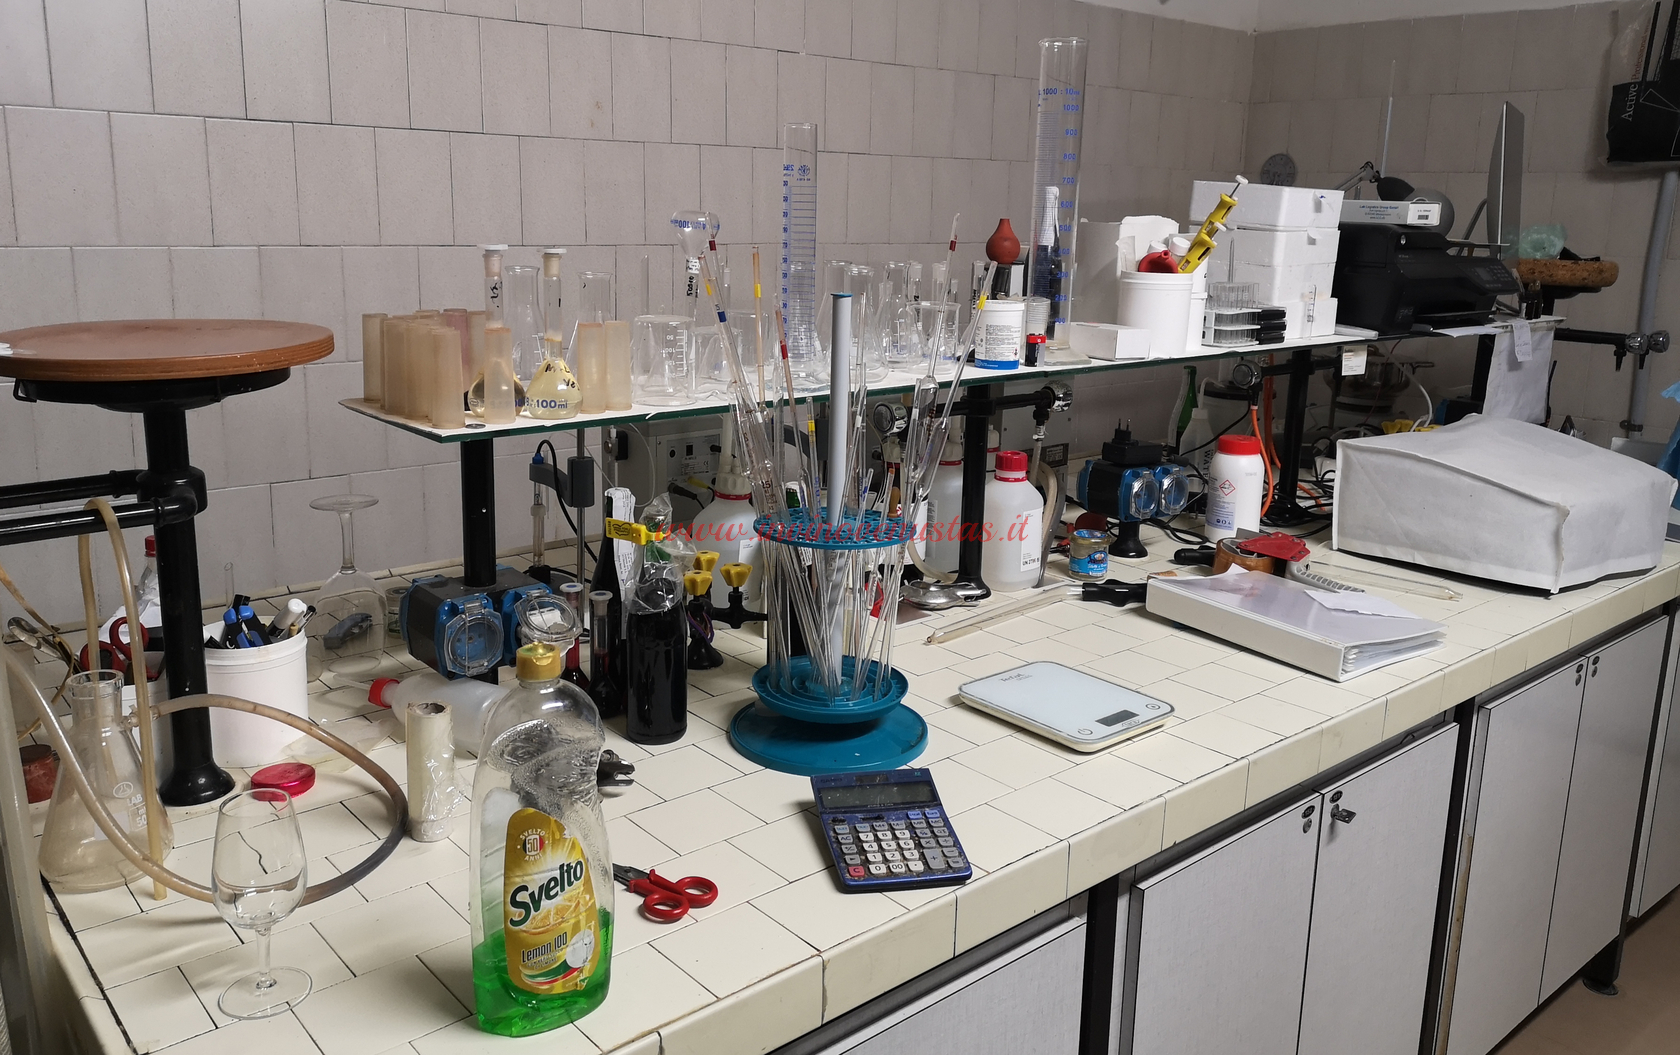 Laboratorio cantina Enio Ottaviani San Clemente Rimini